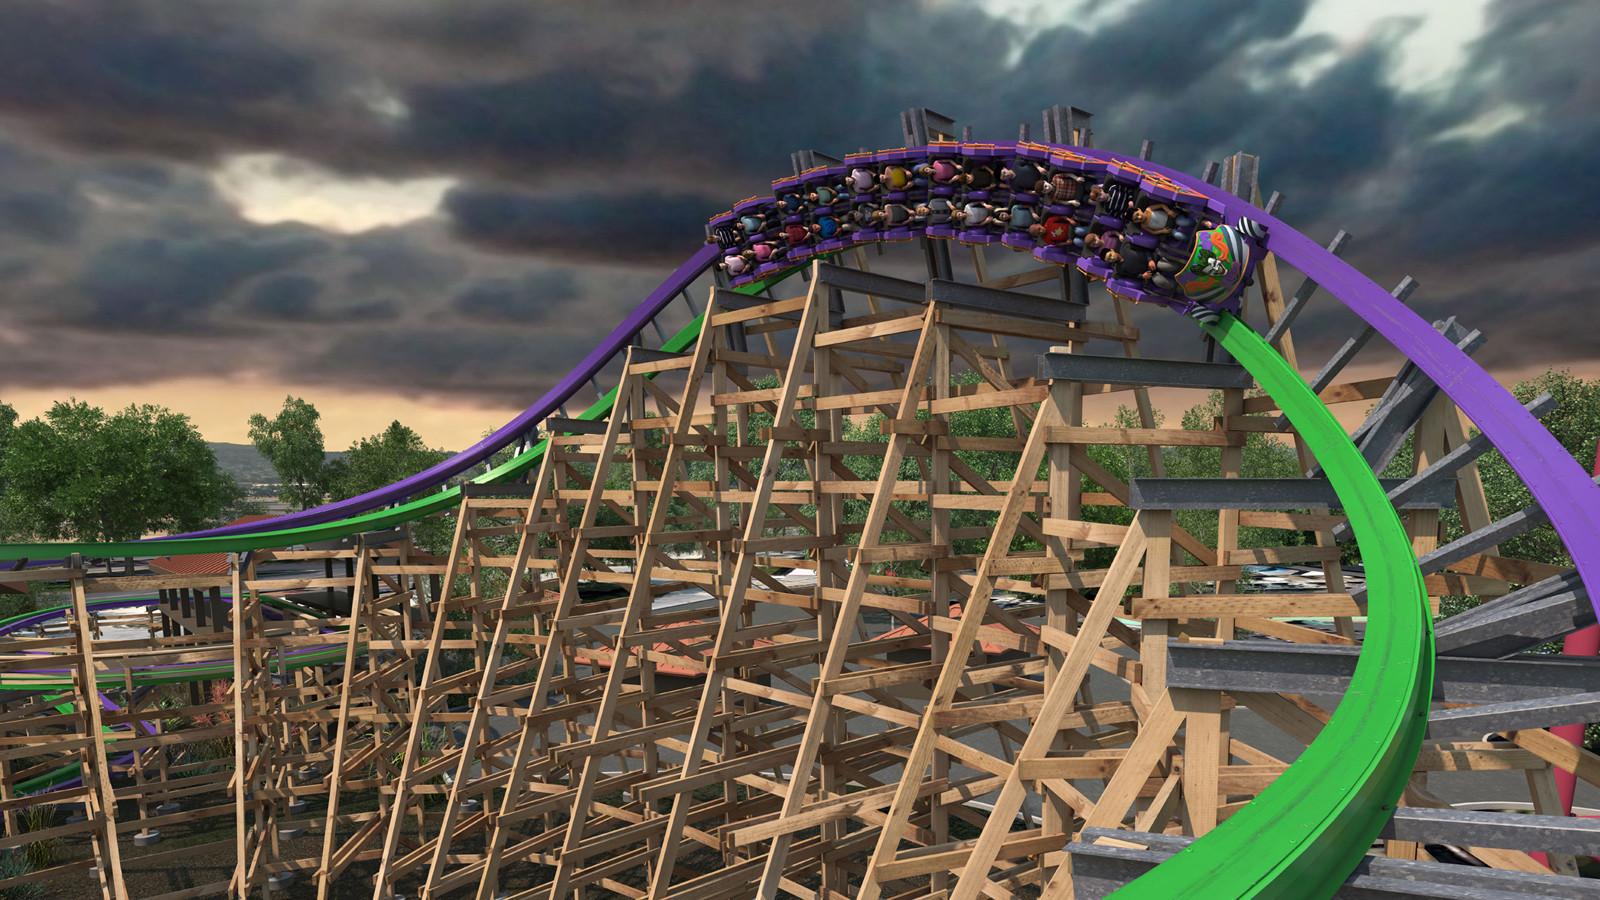 Aggiornamento costruzione Joker al Six Flags Discovery Kingdom